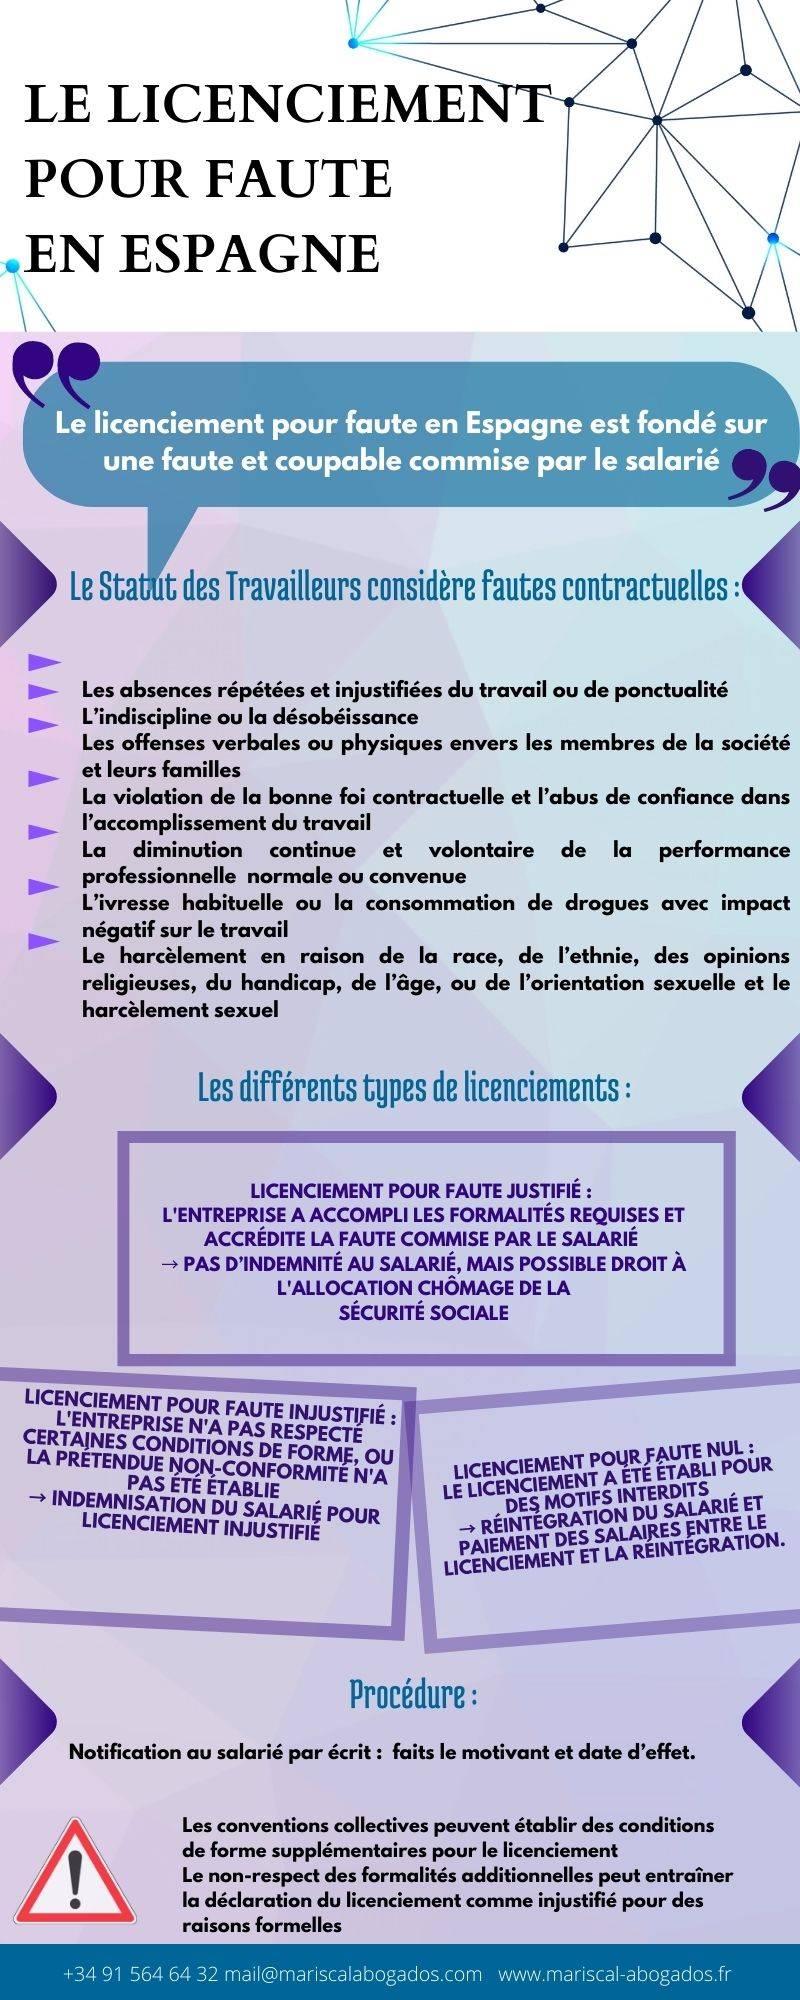 Licenciements pour faute en Espagne